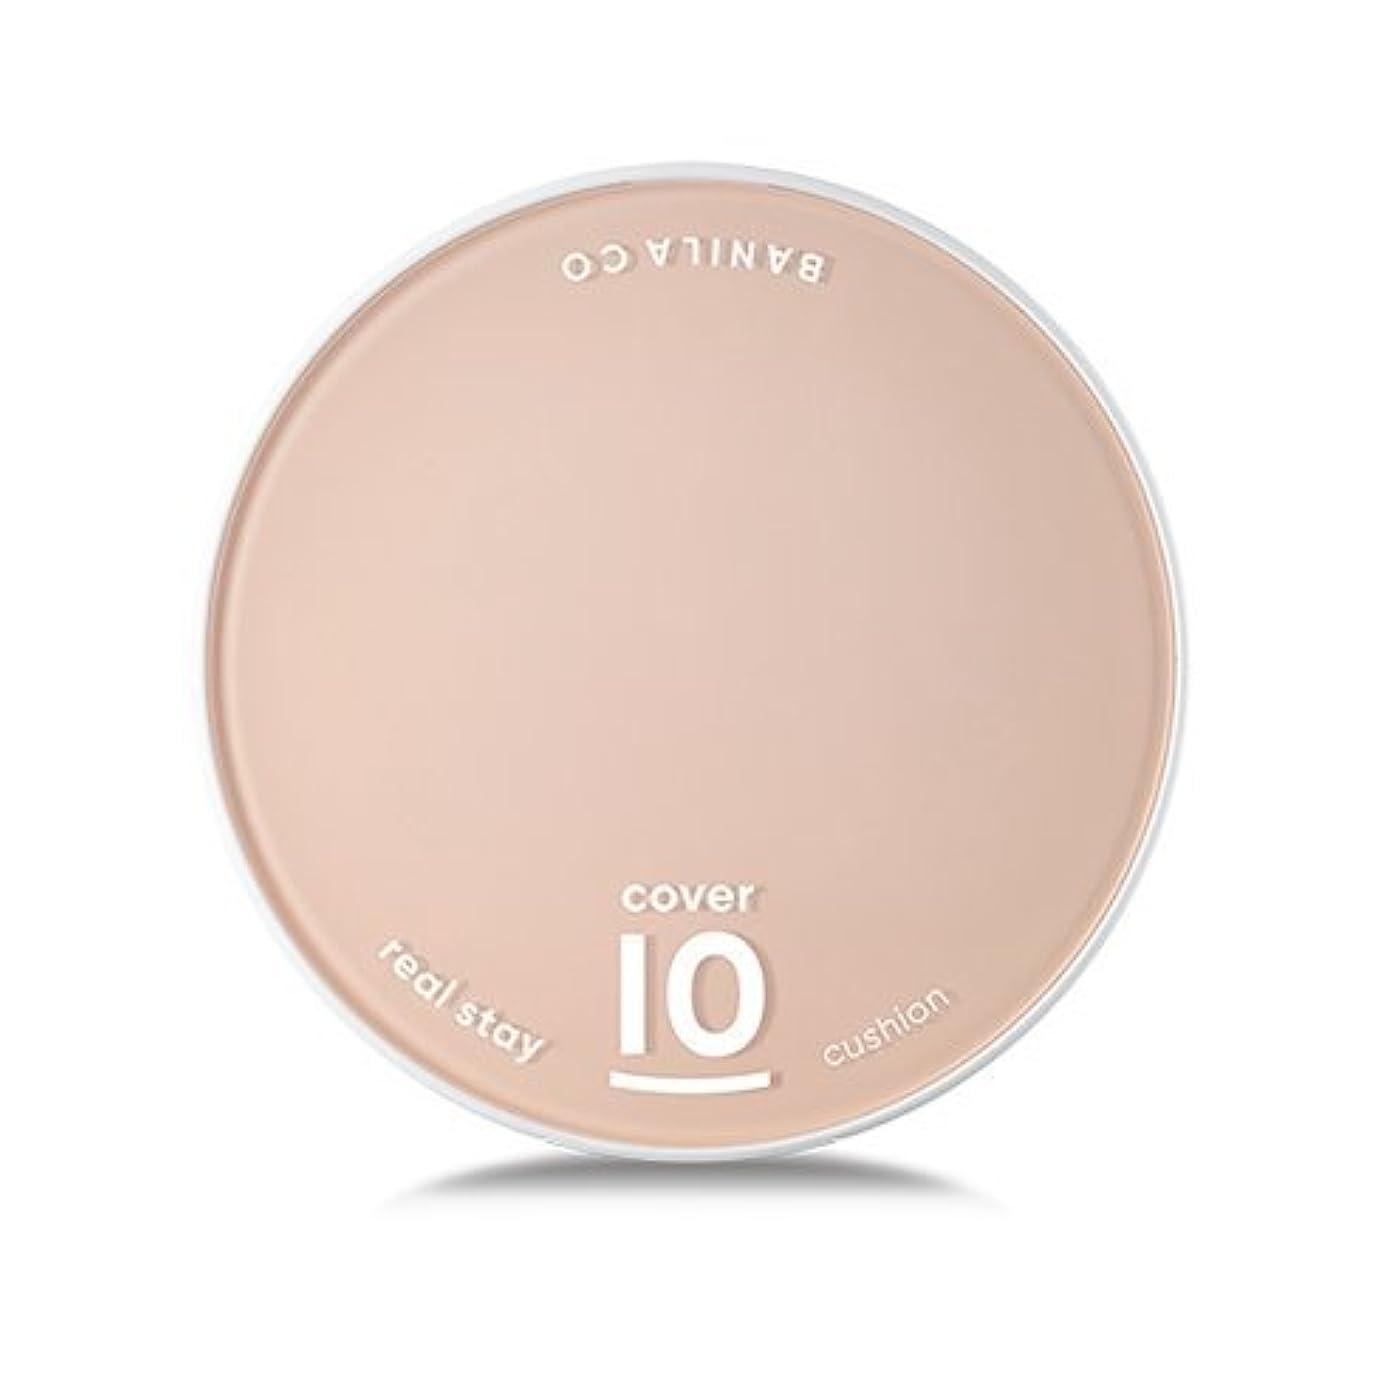 動揺させるびっくりした包括的[Renewal] BANILA CO Cover 10 Real Stay Cushion 15g + Refill 15g/バニラコ カバー 10 リアル ステイ クッション 15g + リフィル 15g (#BE10) [並行輸入品]